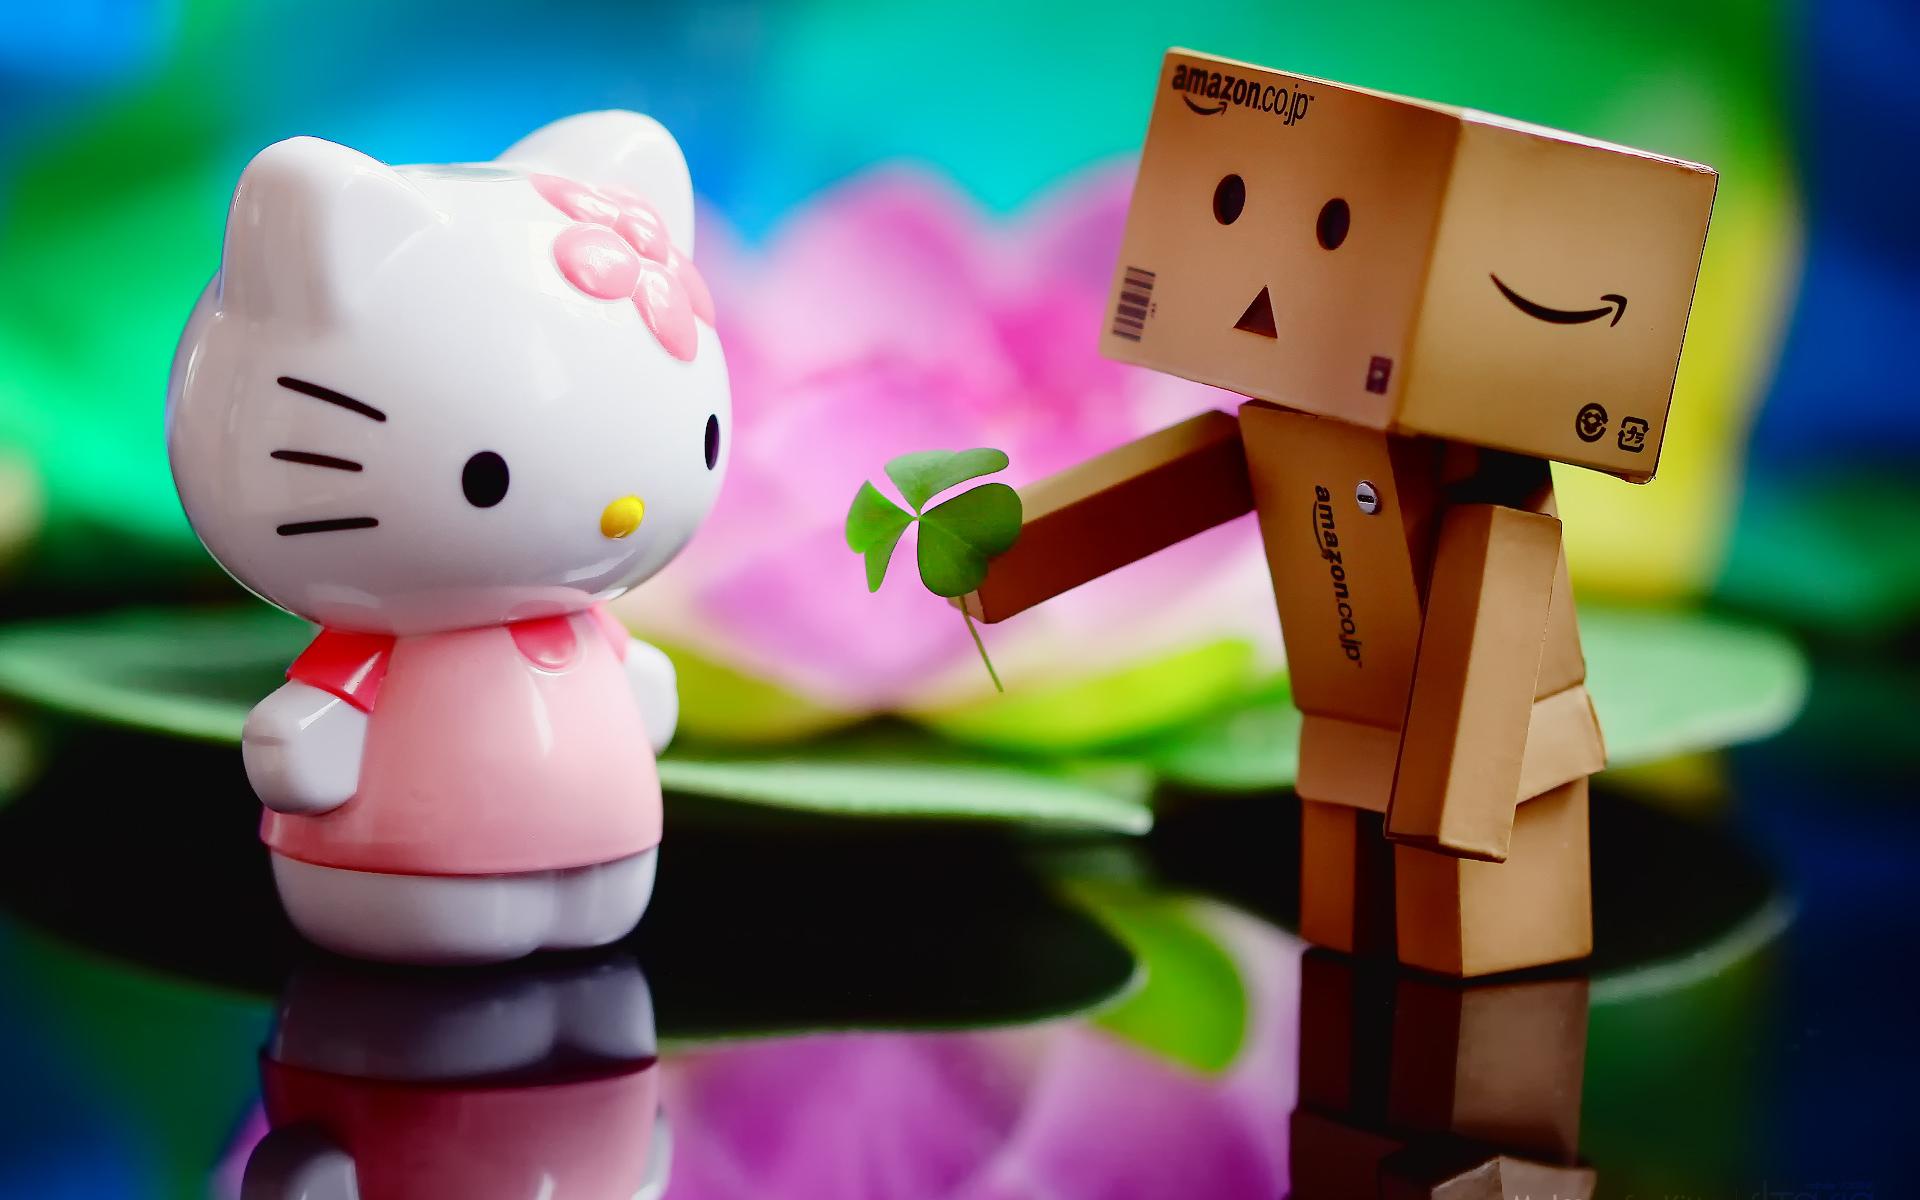 aku sayang banget sama kamu